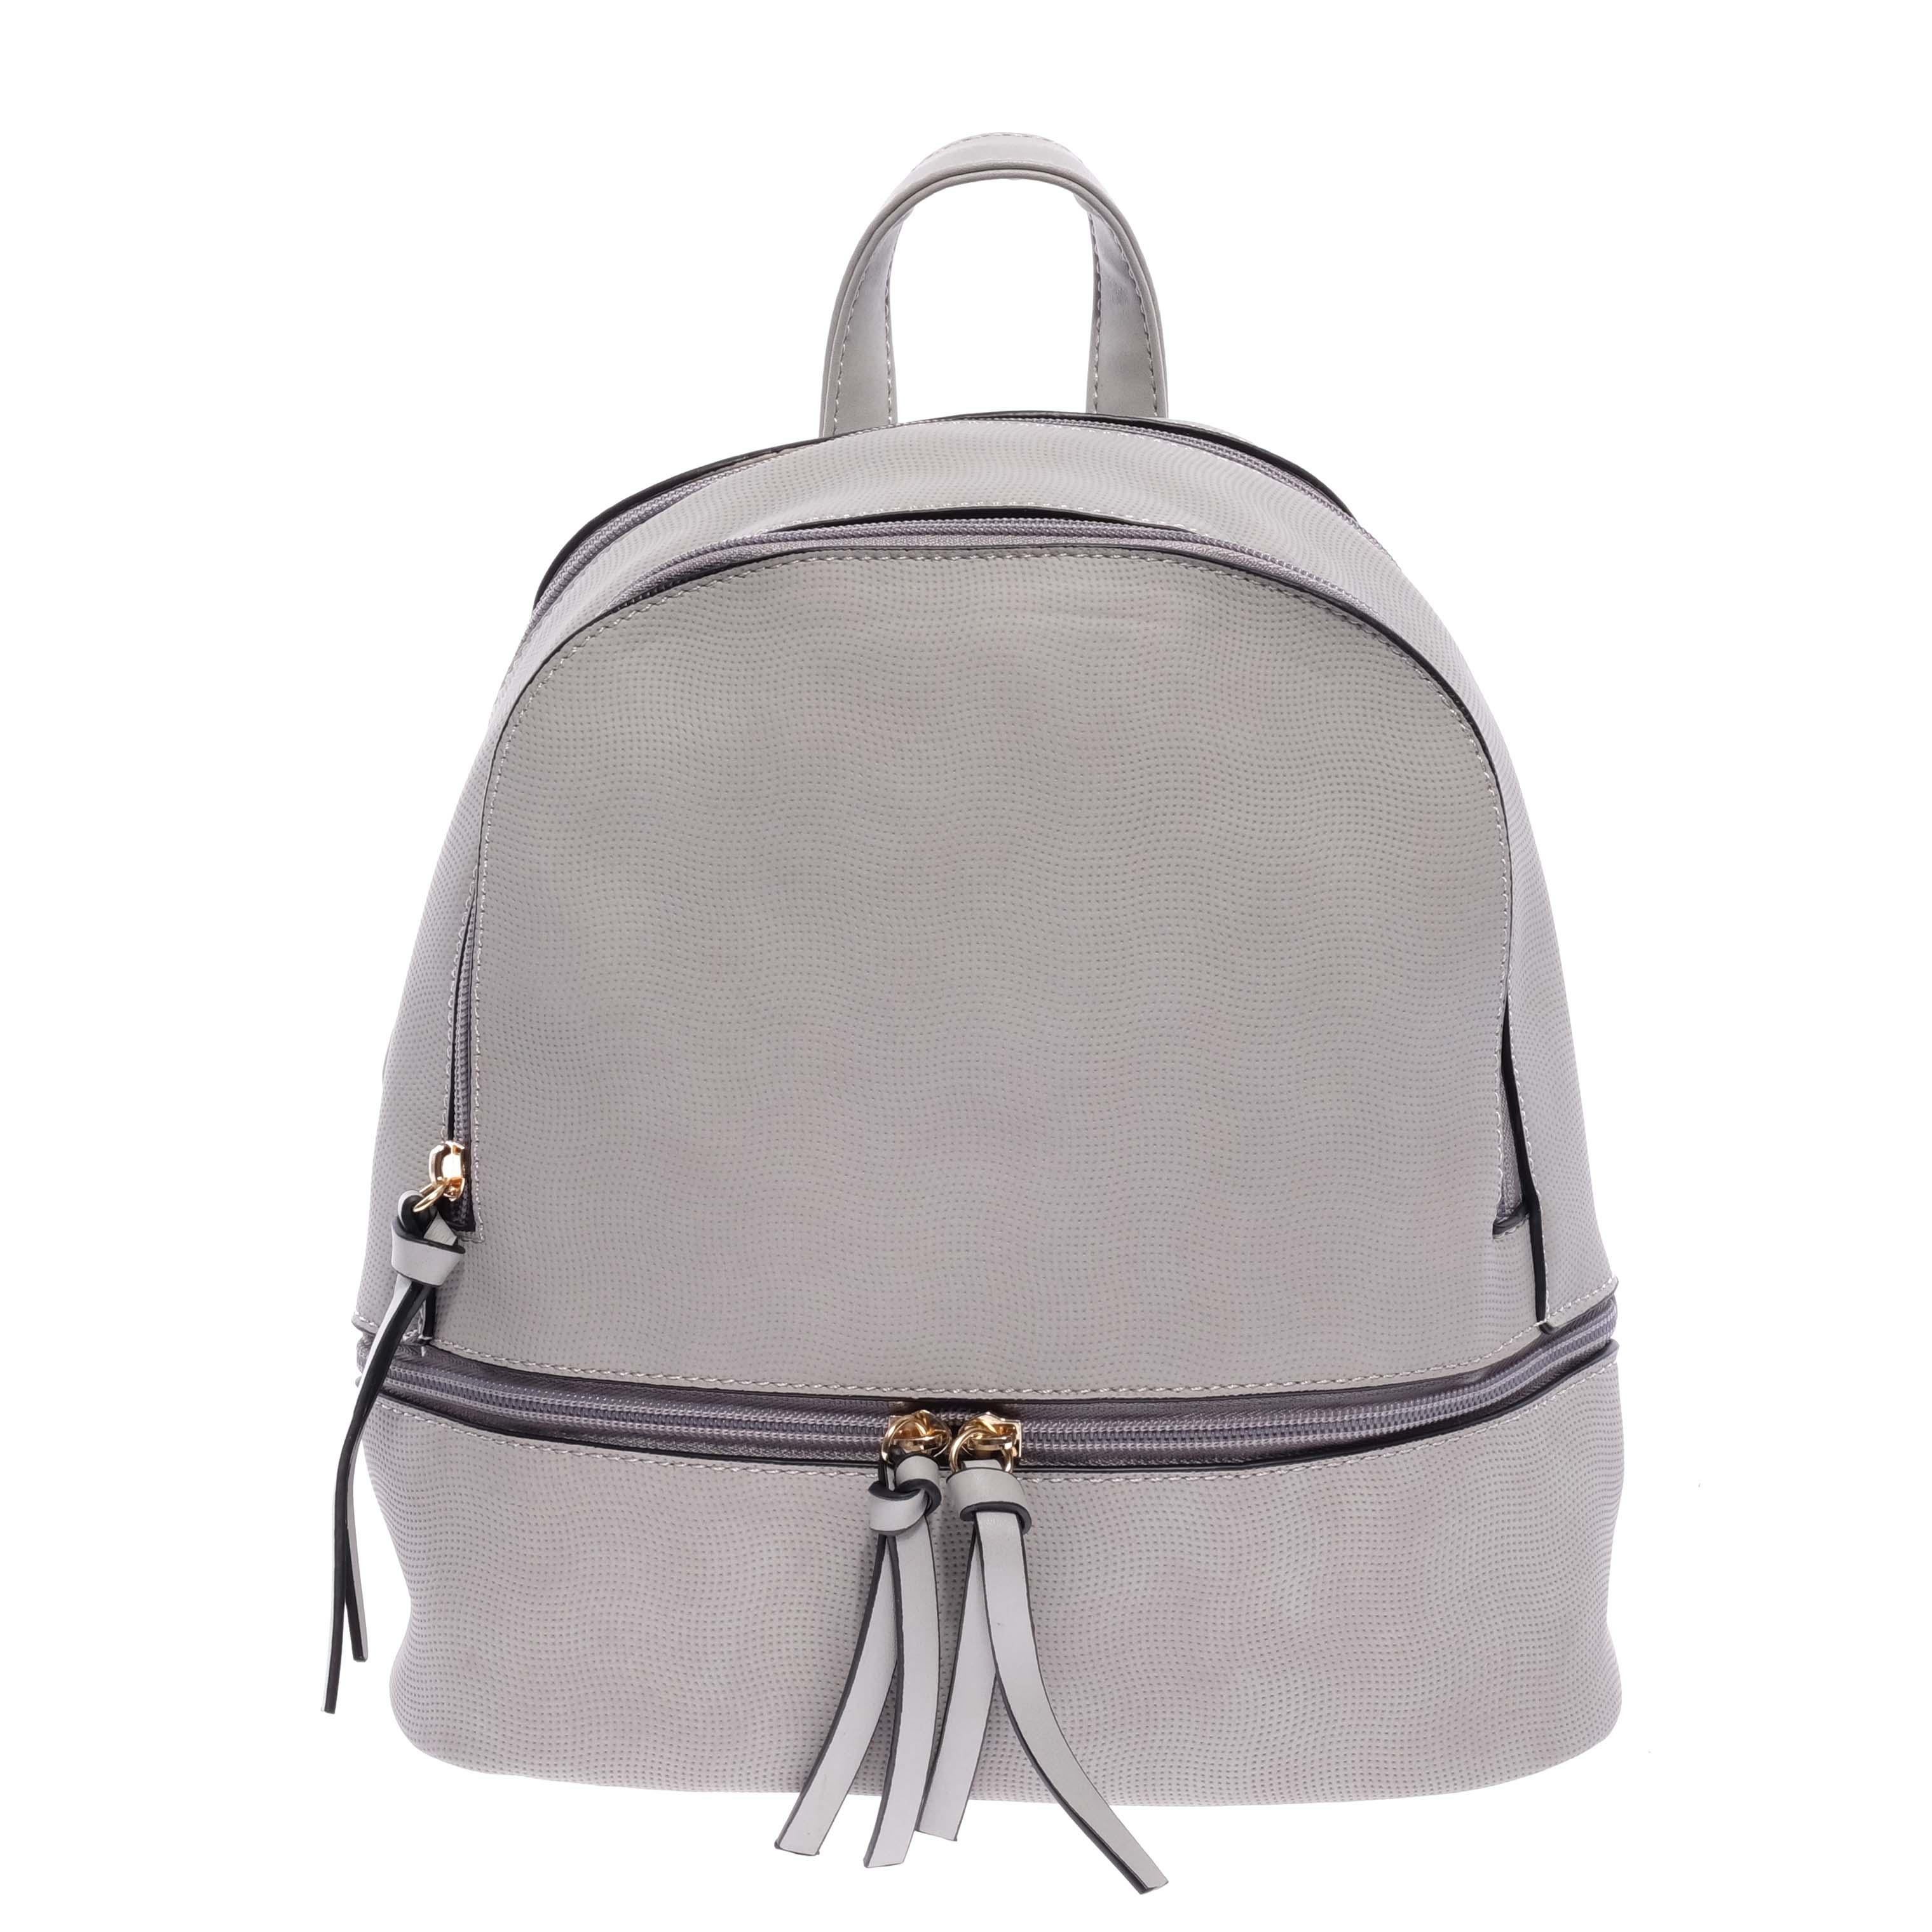 1c4a76b4b95d Szürke Női Műbőr Divat Hátizsák - Műbőr - Táska webáruház - Minőségi táskák  mindenkinek